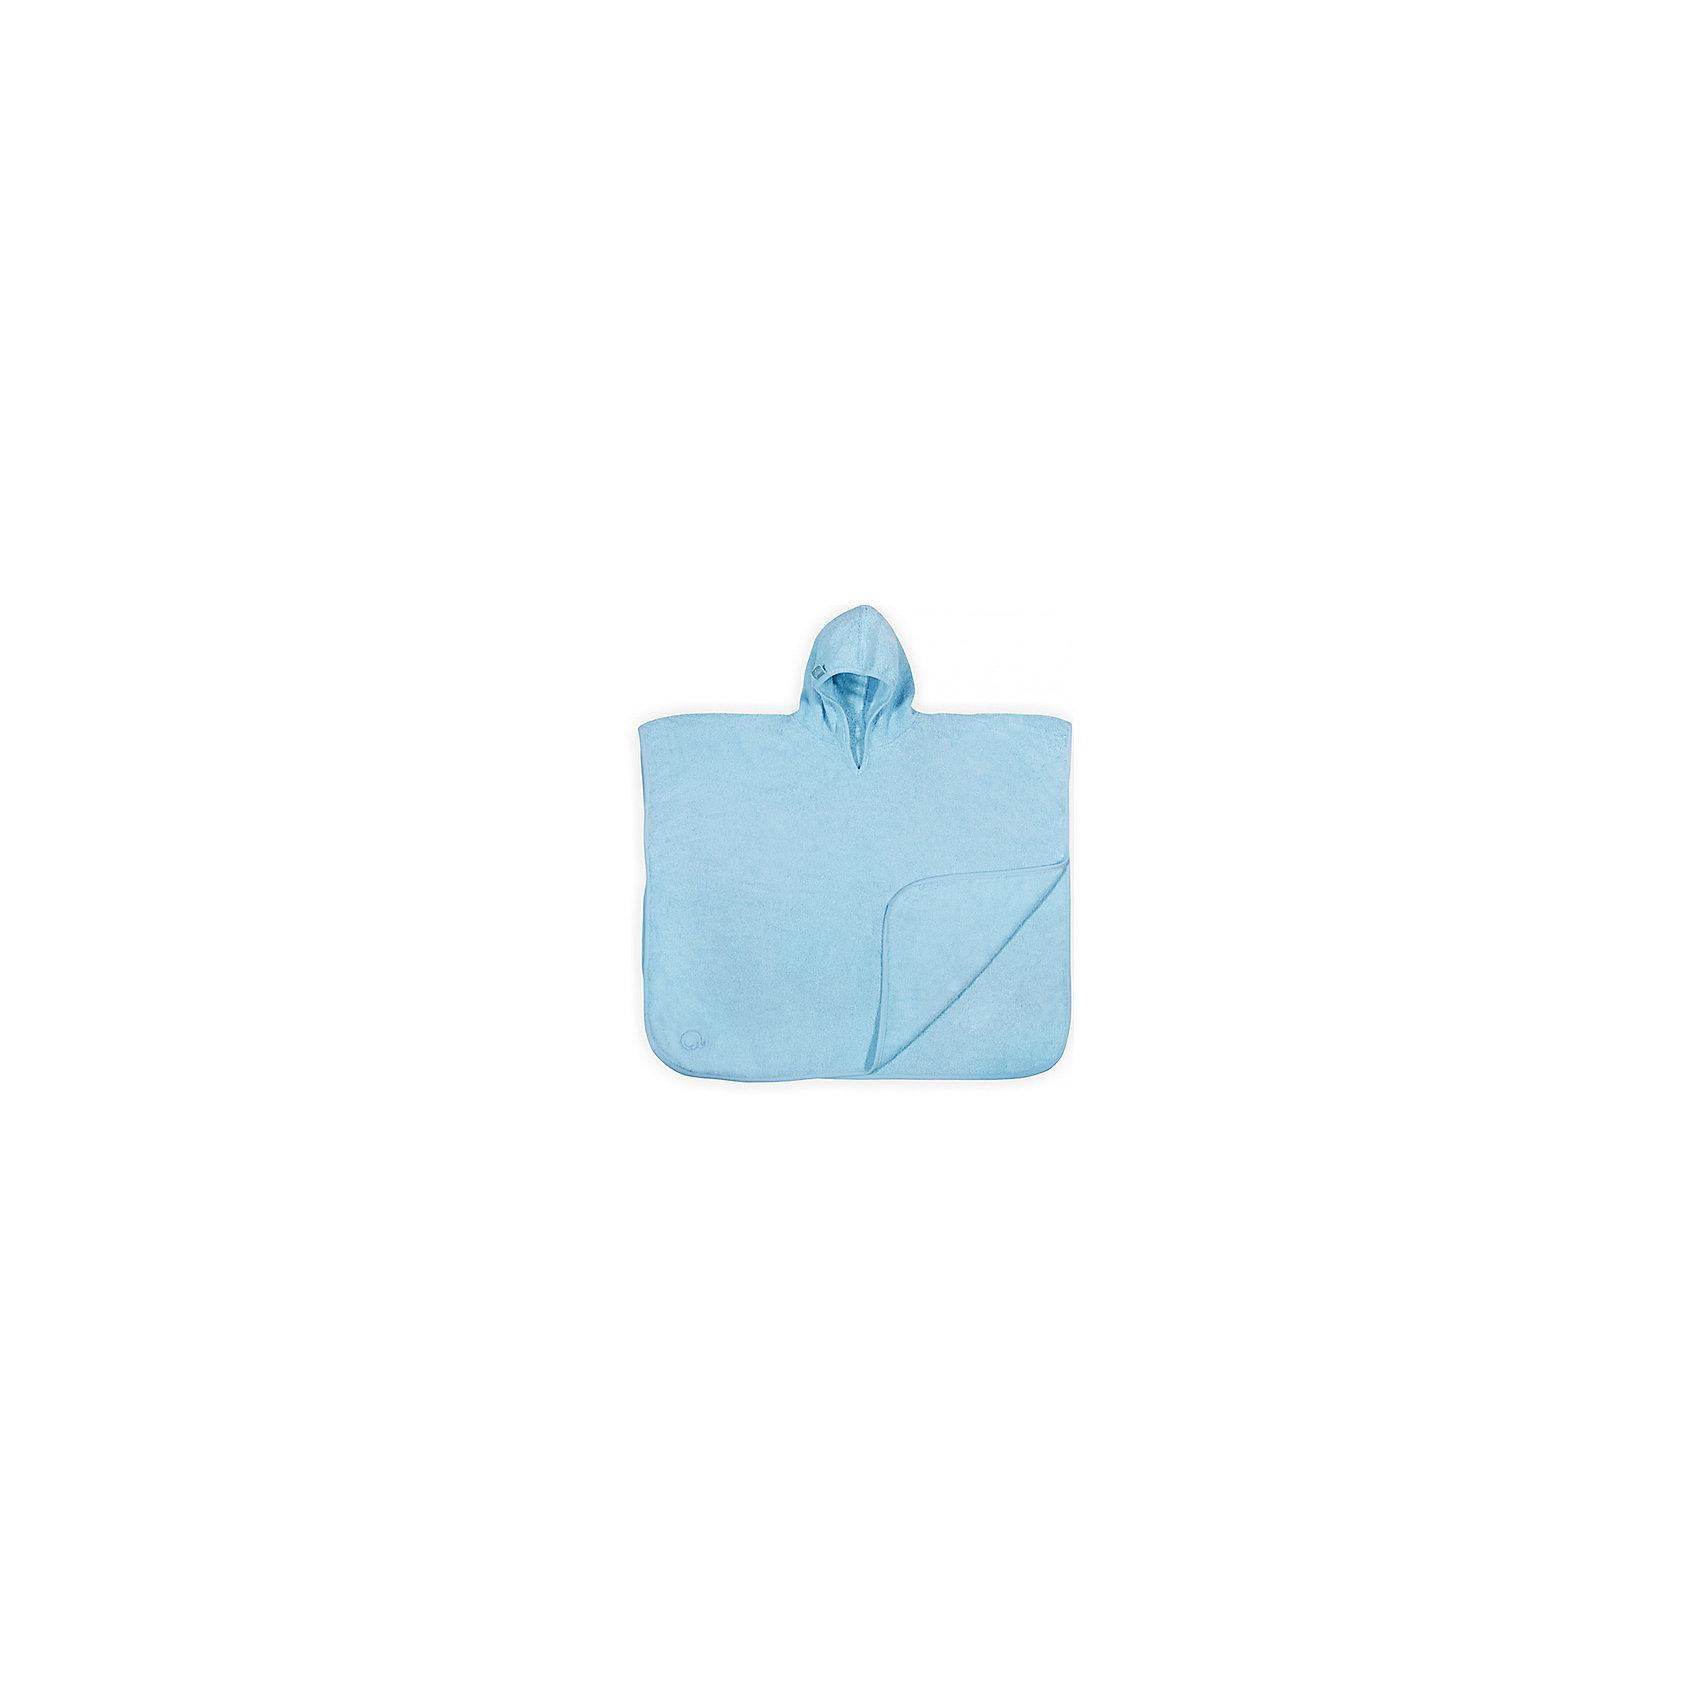 Полотенце-пончо 60 х70 см, Jollein, Light blueМахровое полотенце-пончо для малышей. Предназначено для малышей с 6 месяцев. Очень мягкое. Хорошо впитывает влагу.<br><br>Ширина мм: 300<br>Глубина мм: 300<br>Высота мм: 25<br>Вес г: 400<br>Возраст от месяцев: 0<br>Возраст до месяцев: 36<br>Пол: Унисекс<br>Возраст: Детский<br>SKU: 5367192